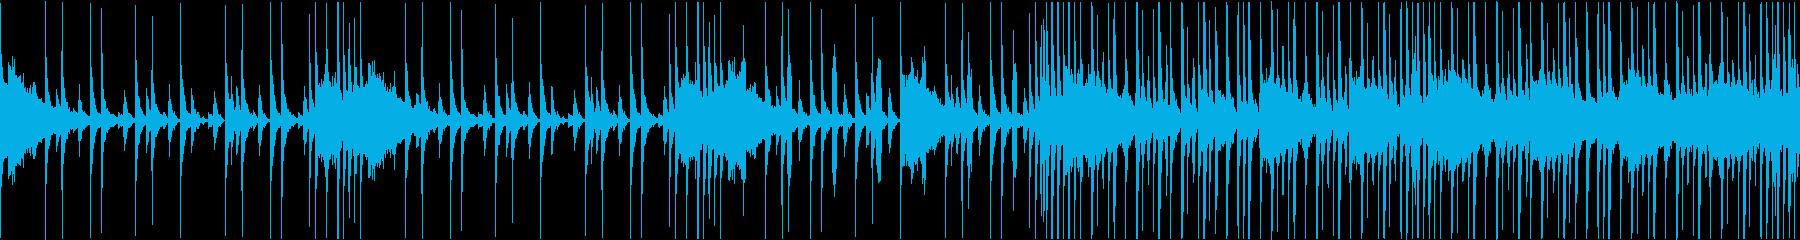 使い勝手のいいリズムループ音源の再生済みの波形